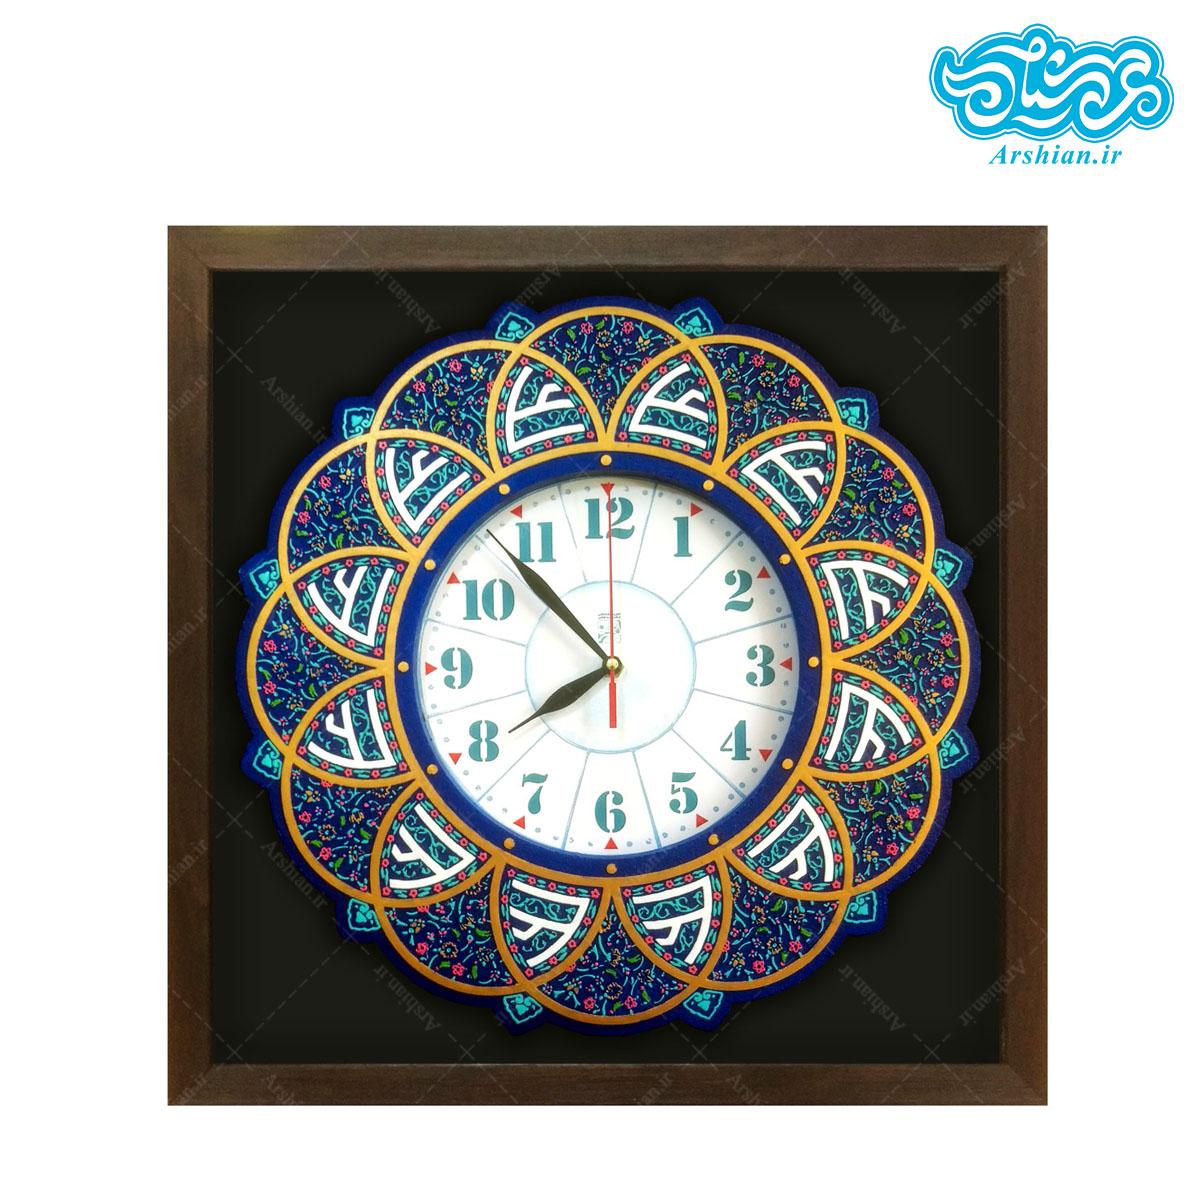 تابلو ساعت کتیبه علی علیه السلام کد ۱۷۱